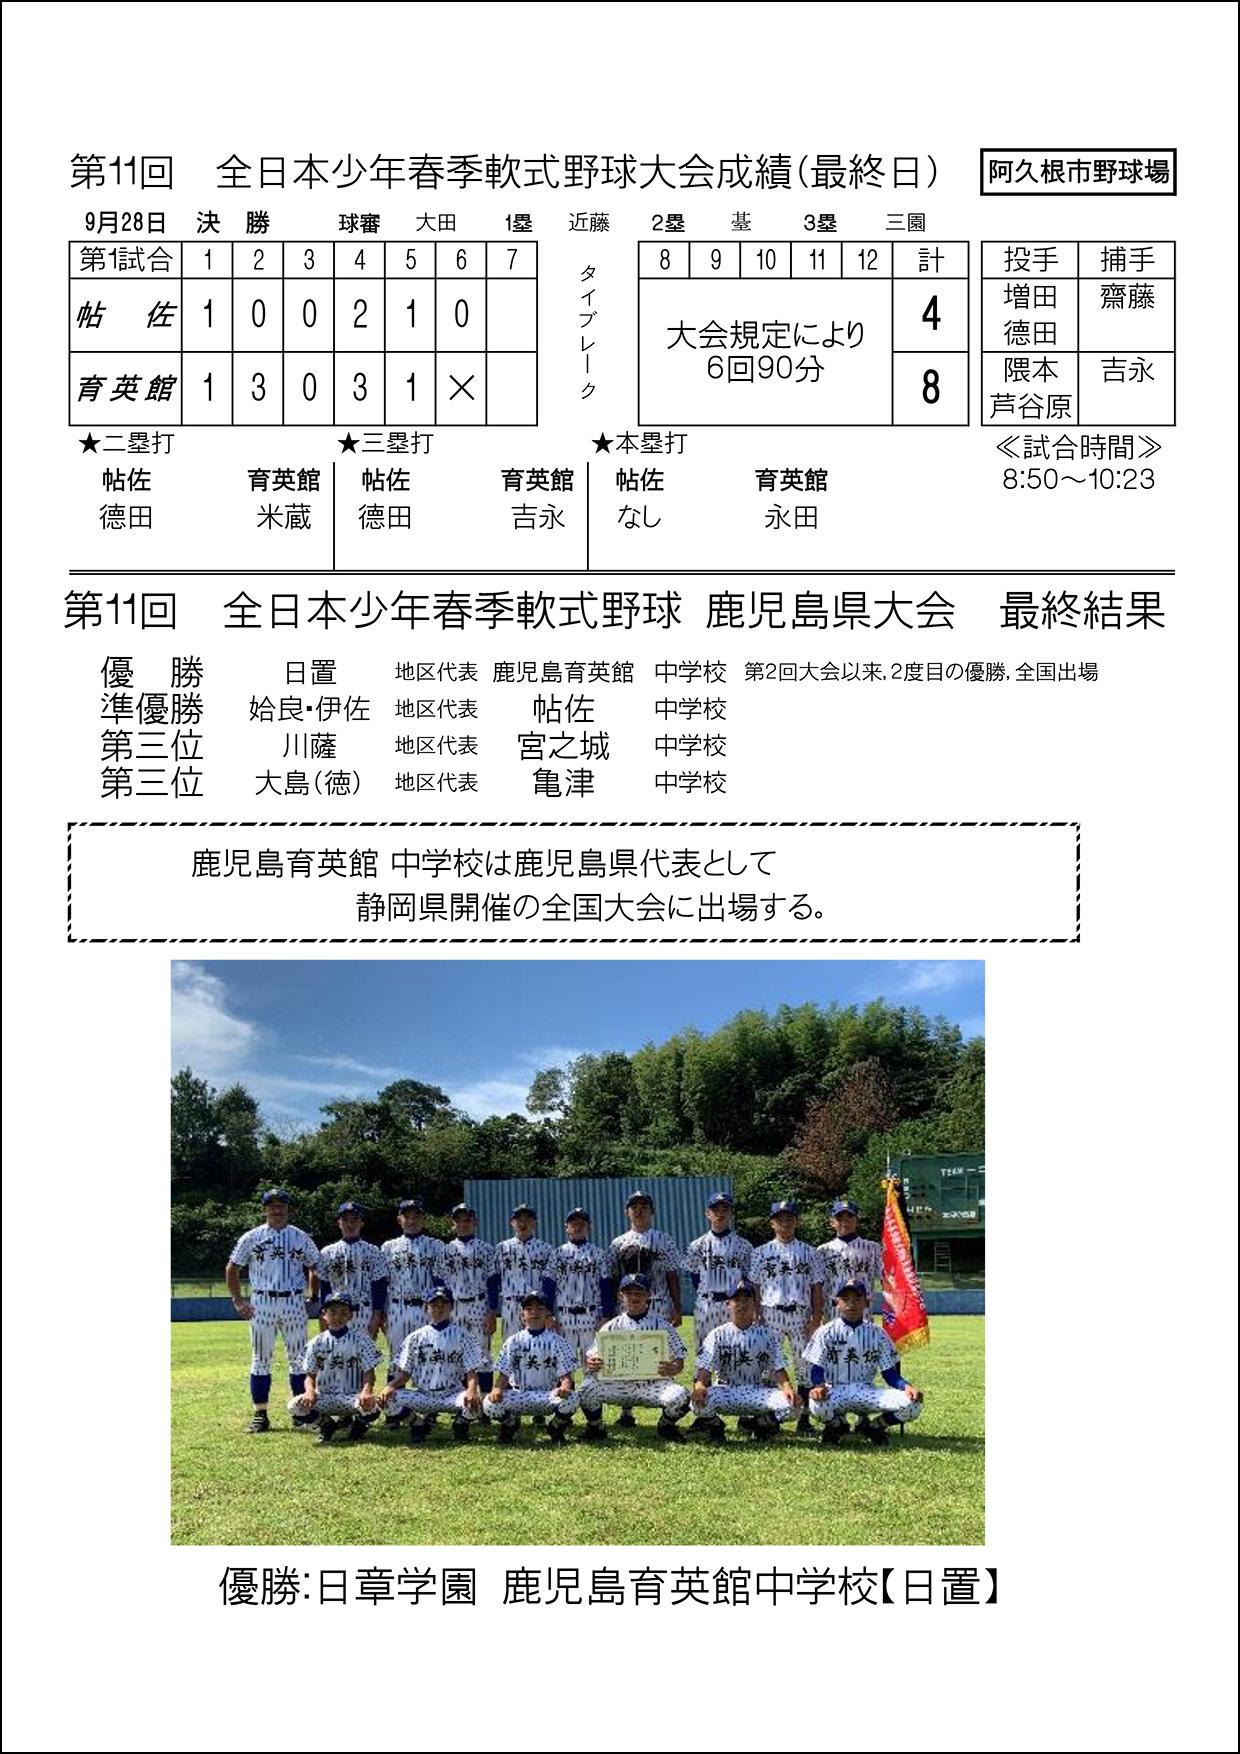 【結果】第11回全日本少年春季軟式野球大会県予選